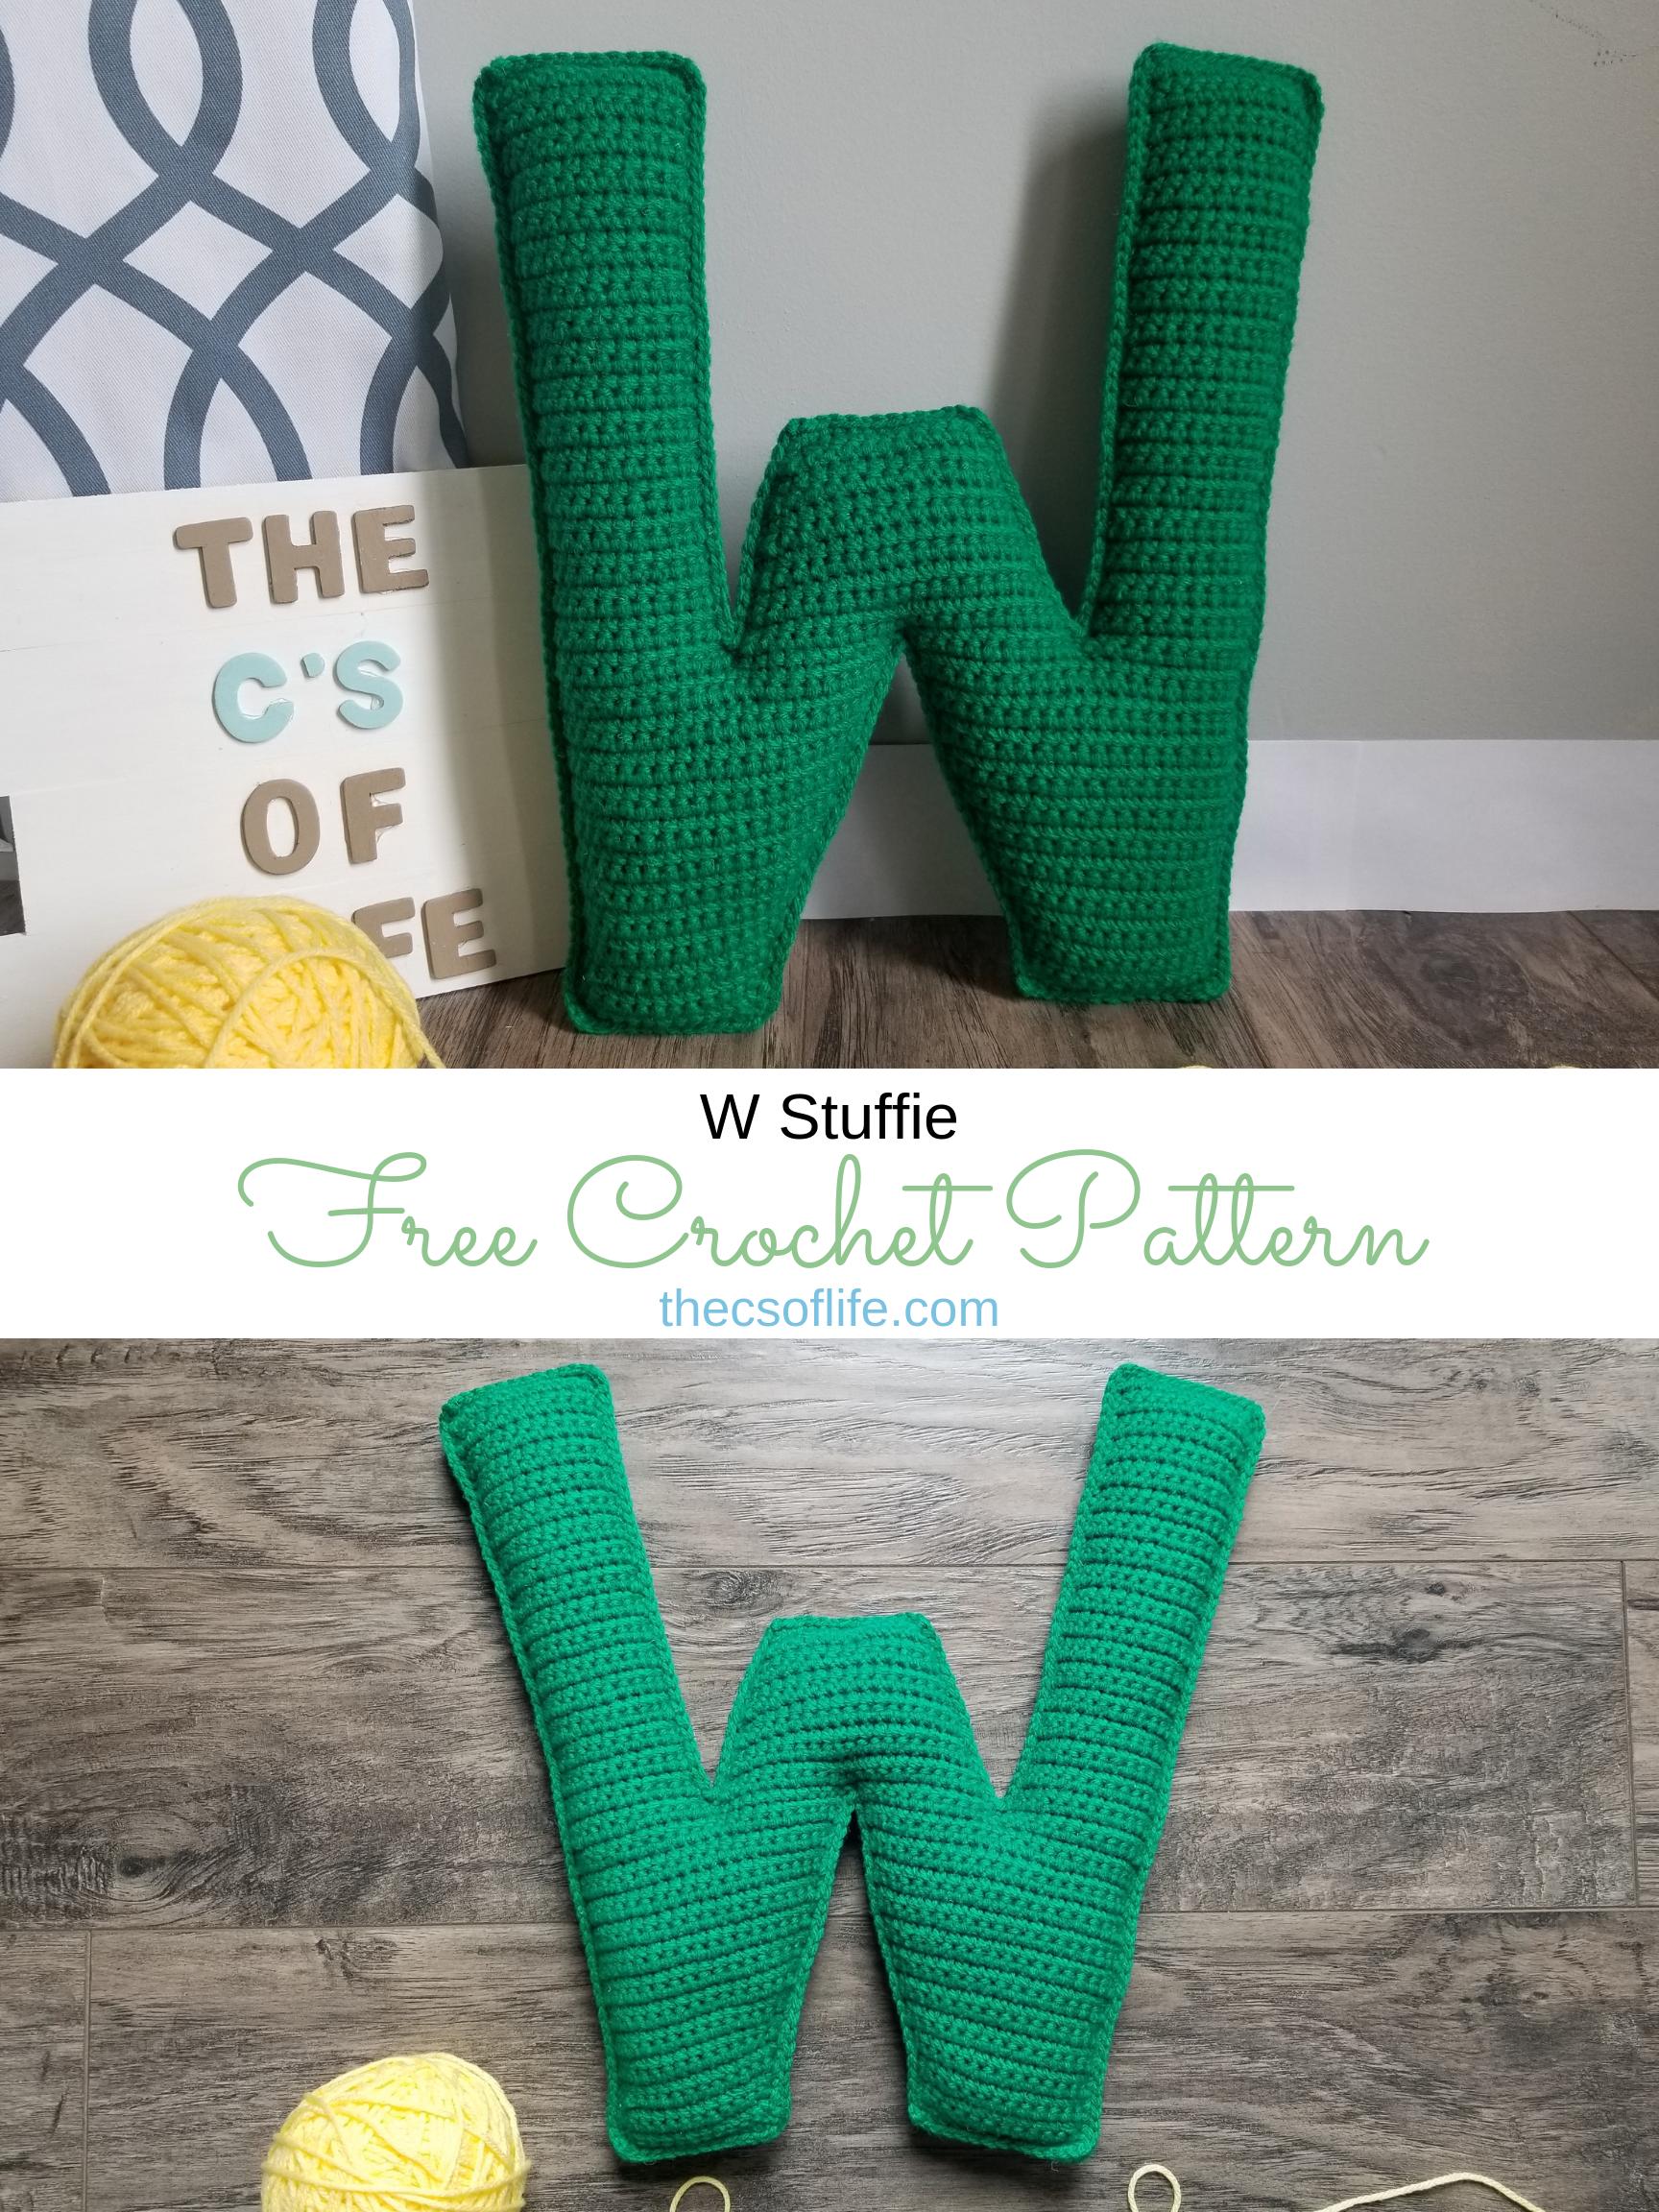 W Stuffie - Free Crochet Pattern